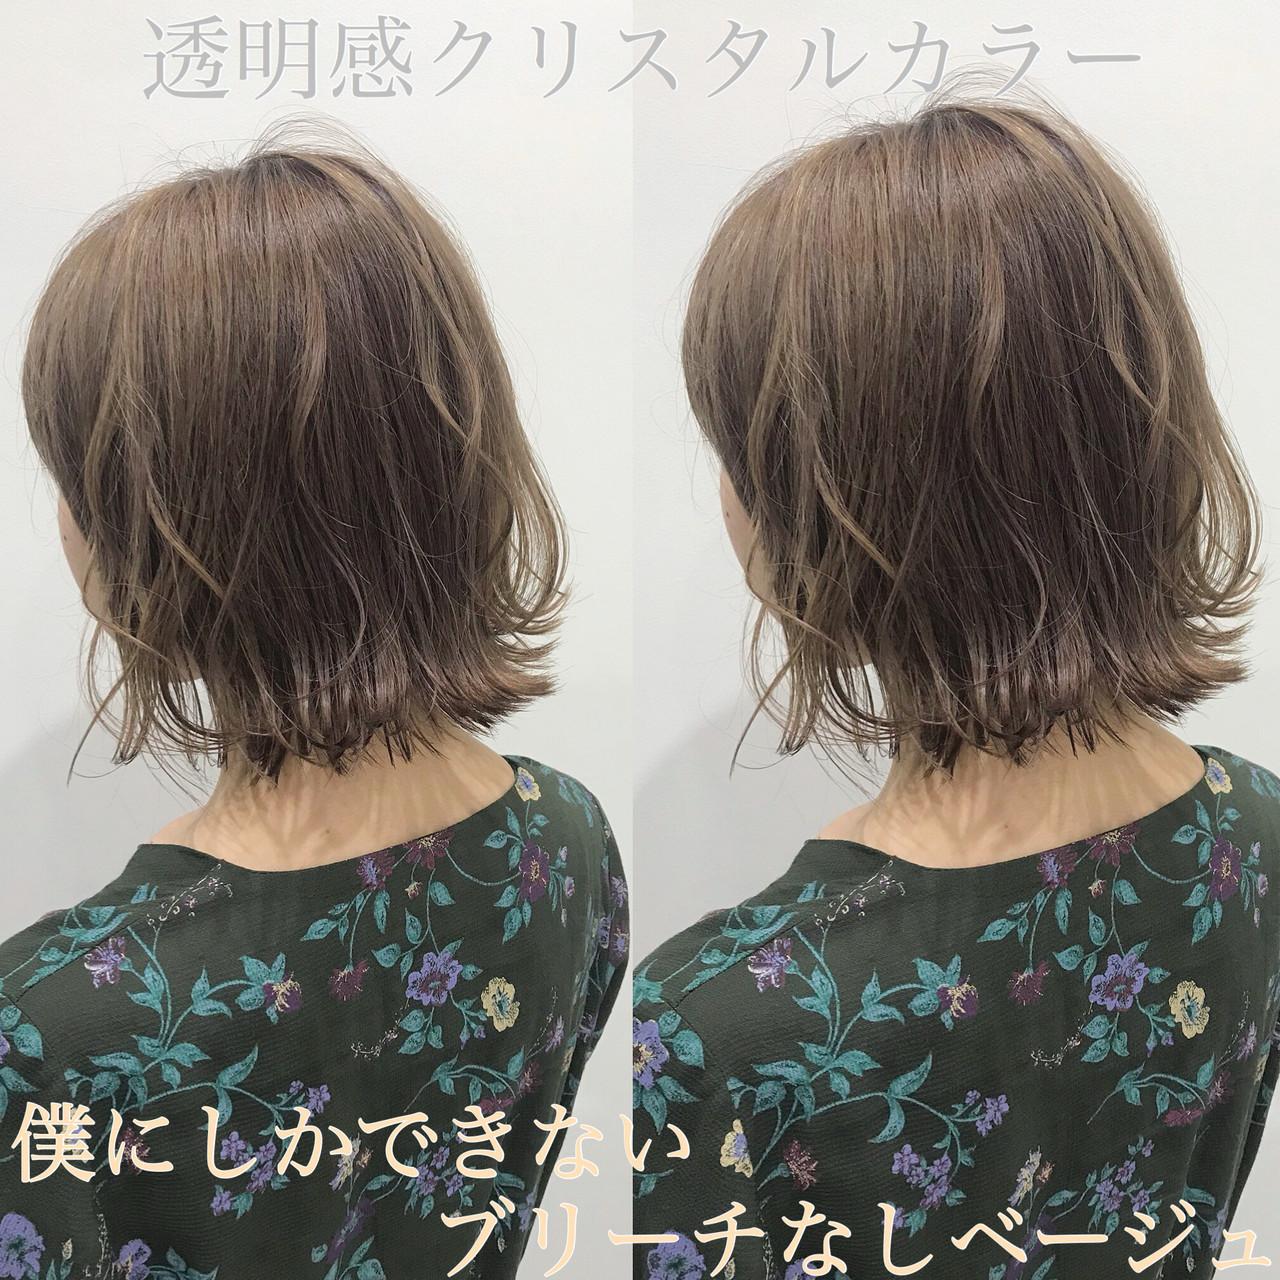 外ハネと表面の髪の毛だけにアイロンで簡単ヘアに 長田 タカラ